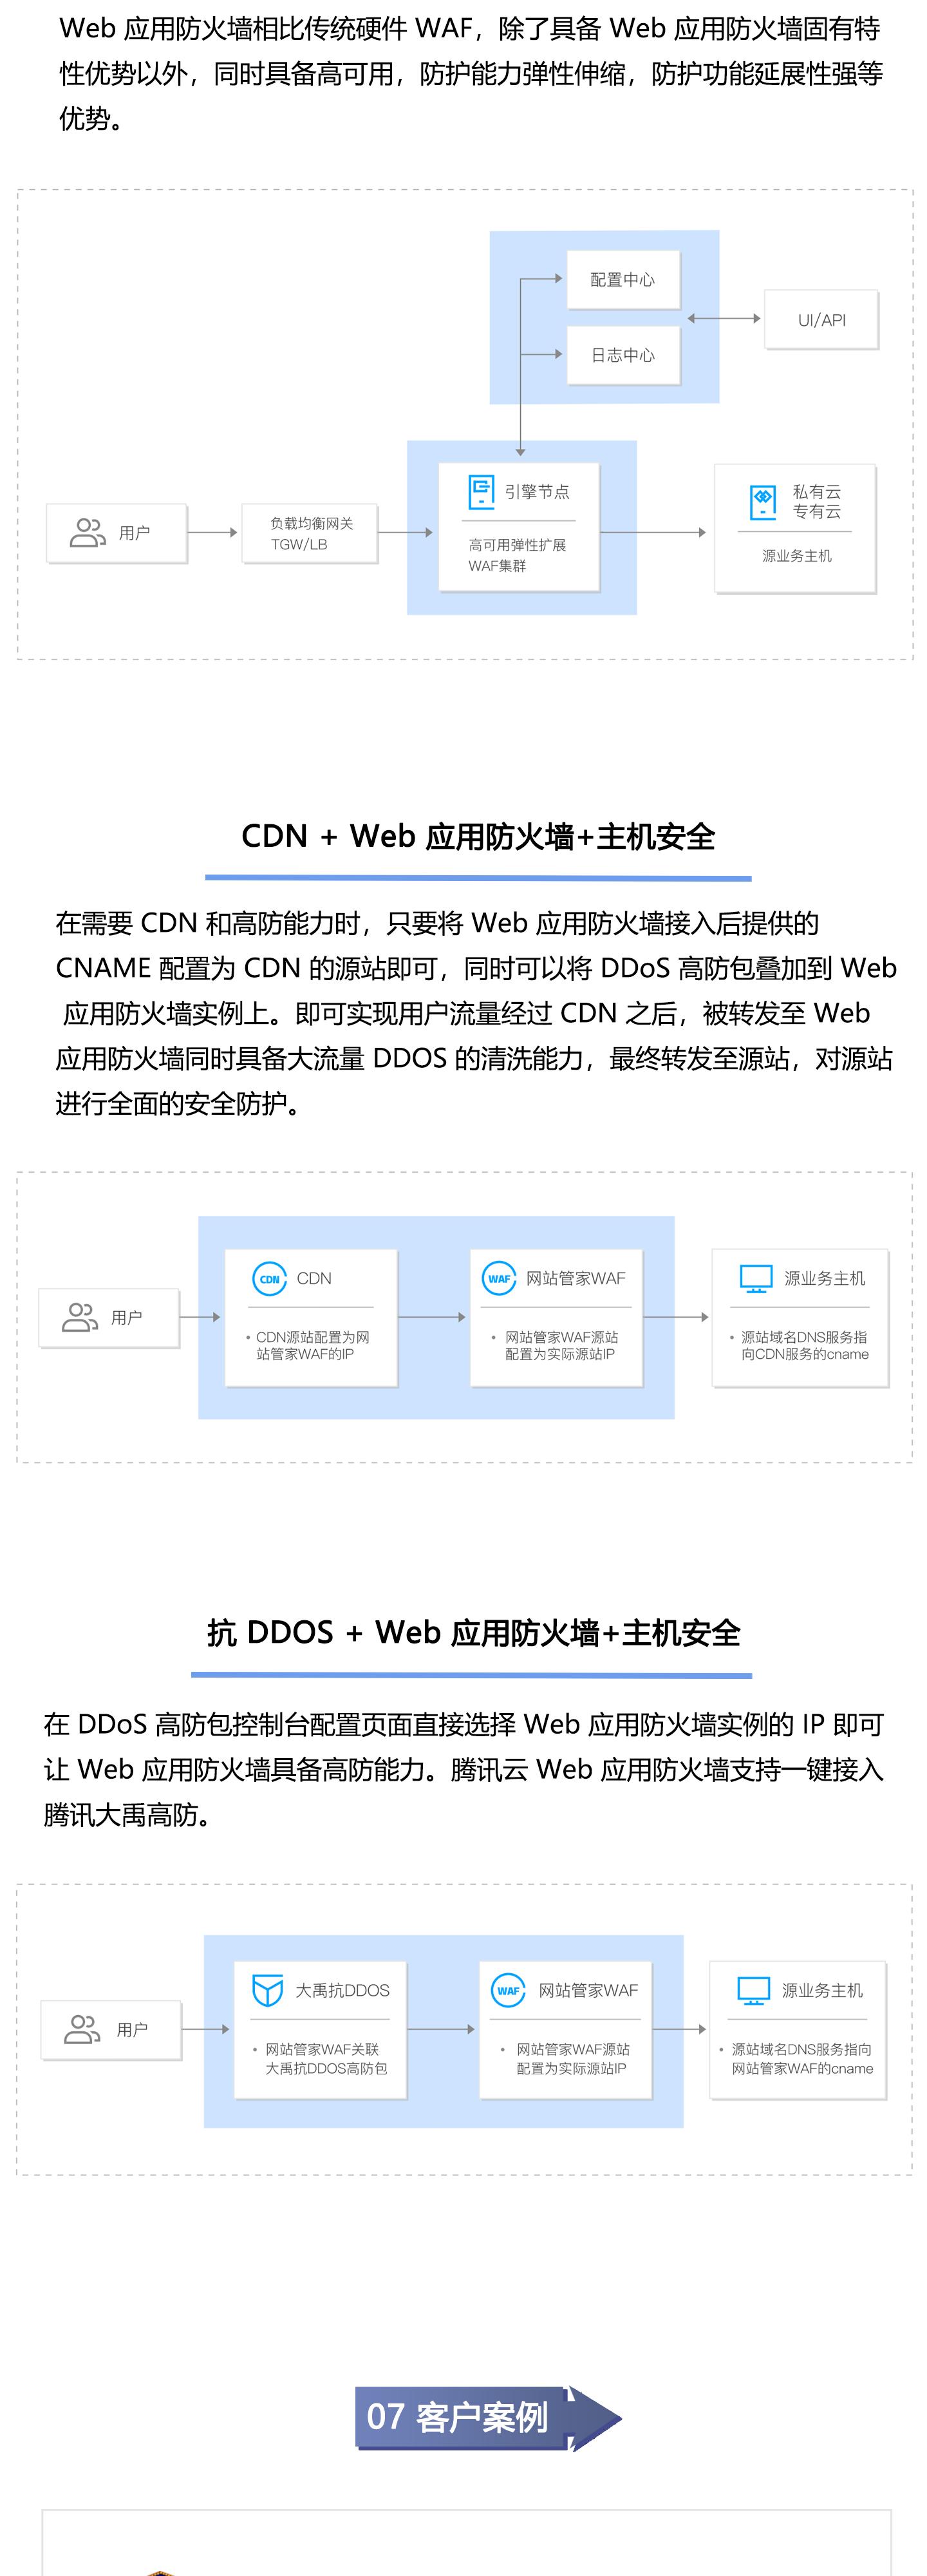 T-Sec-Web-应用防火墙1440_08.jpg